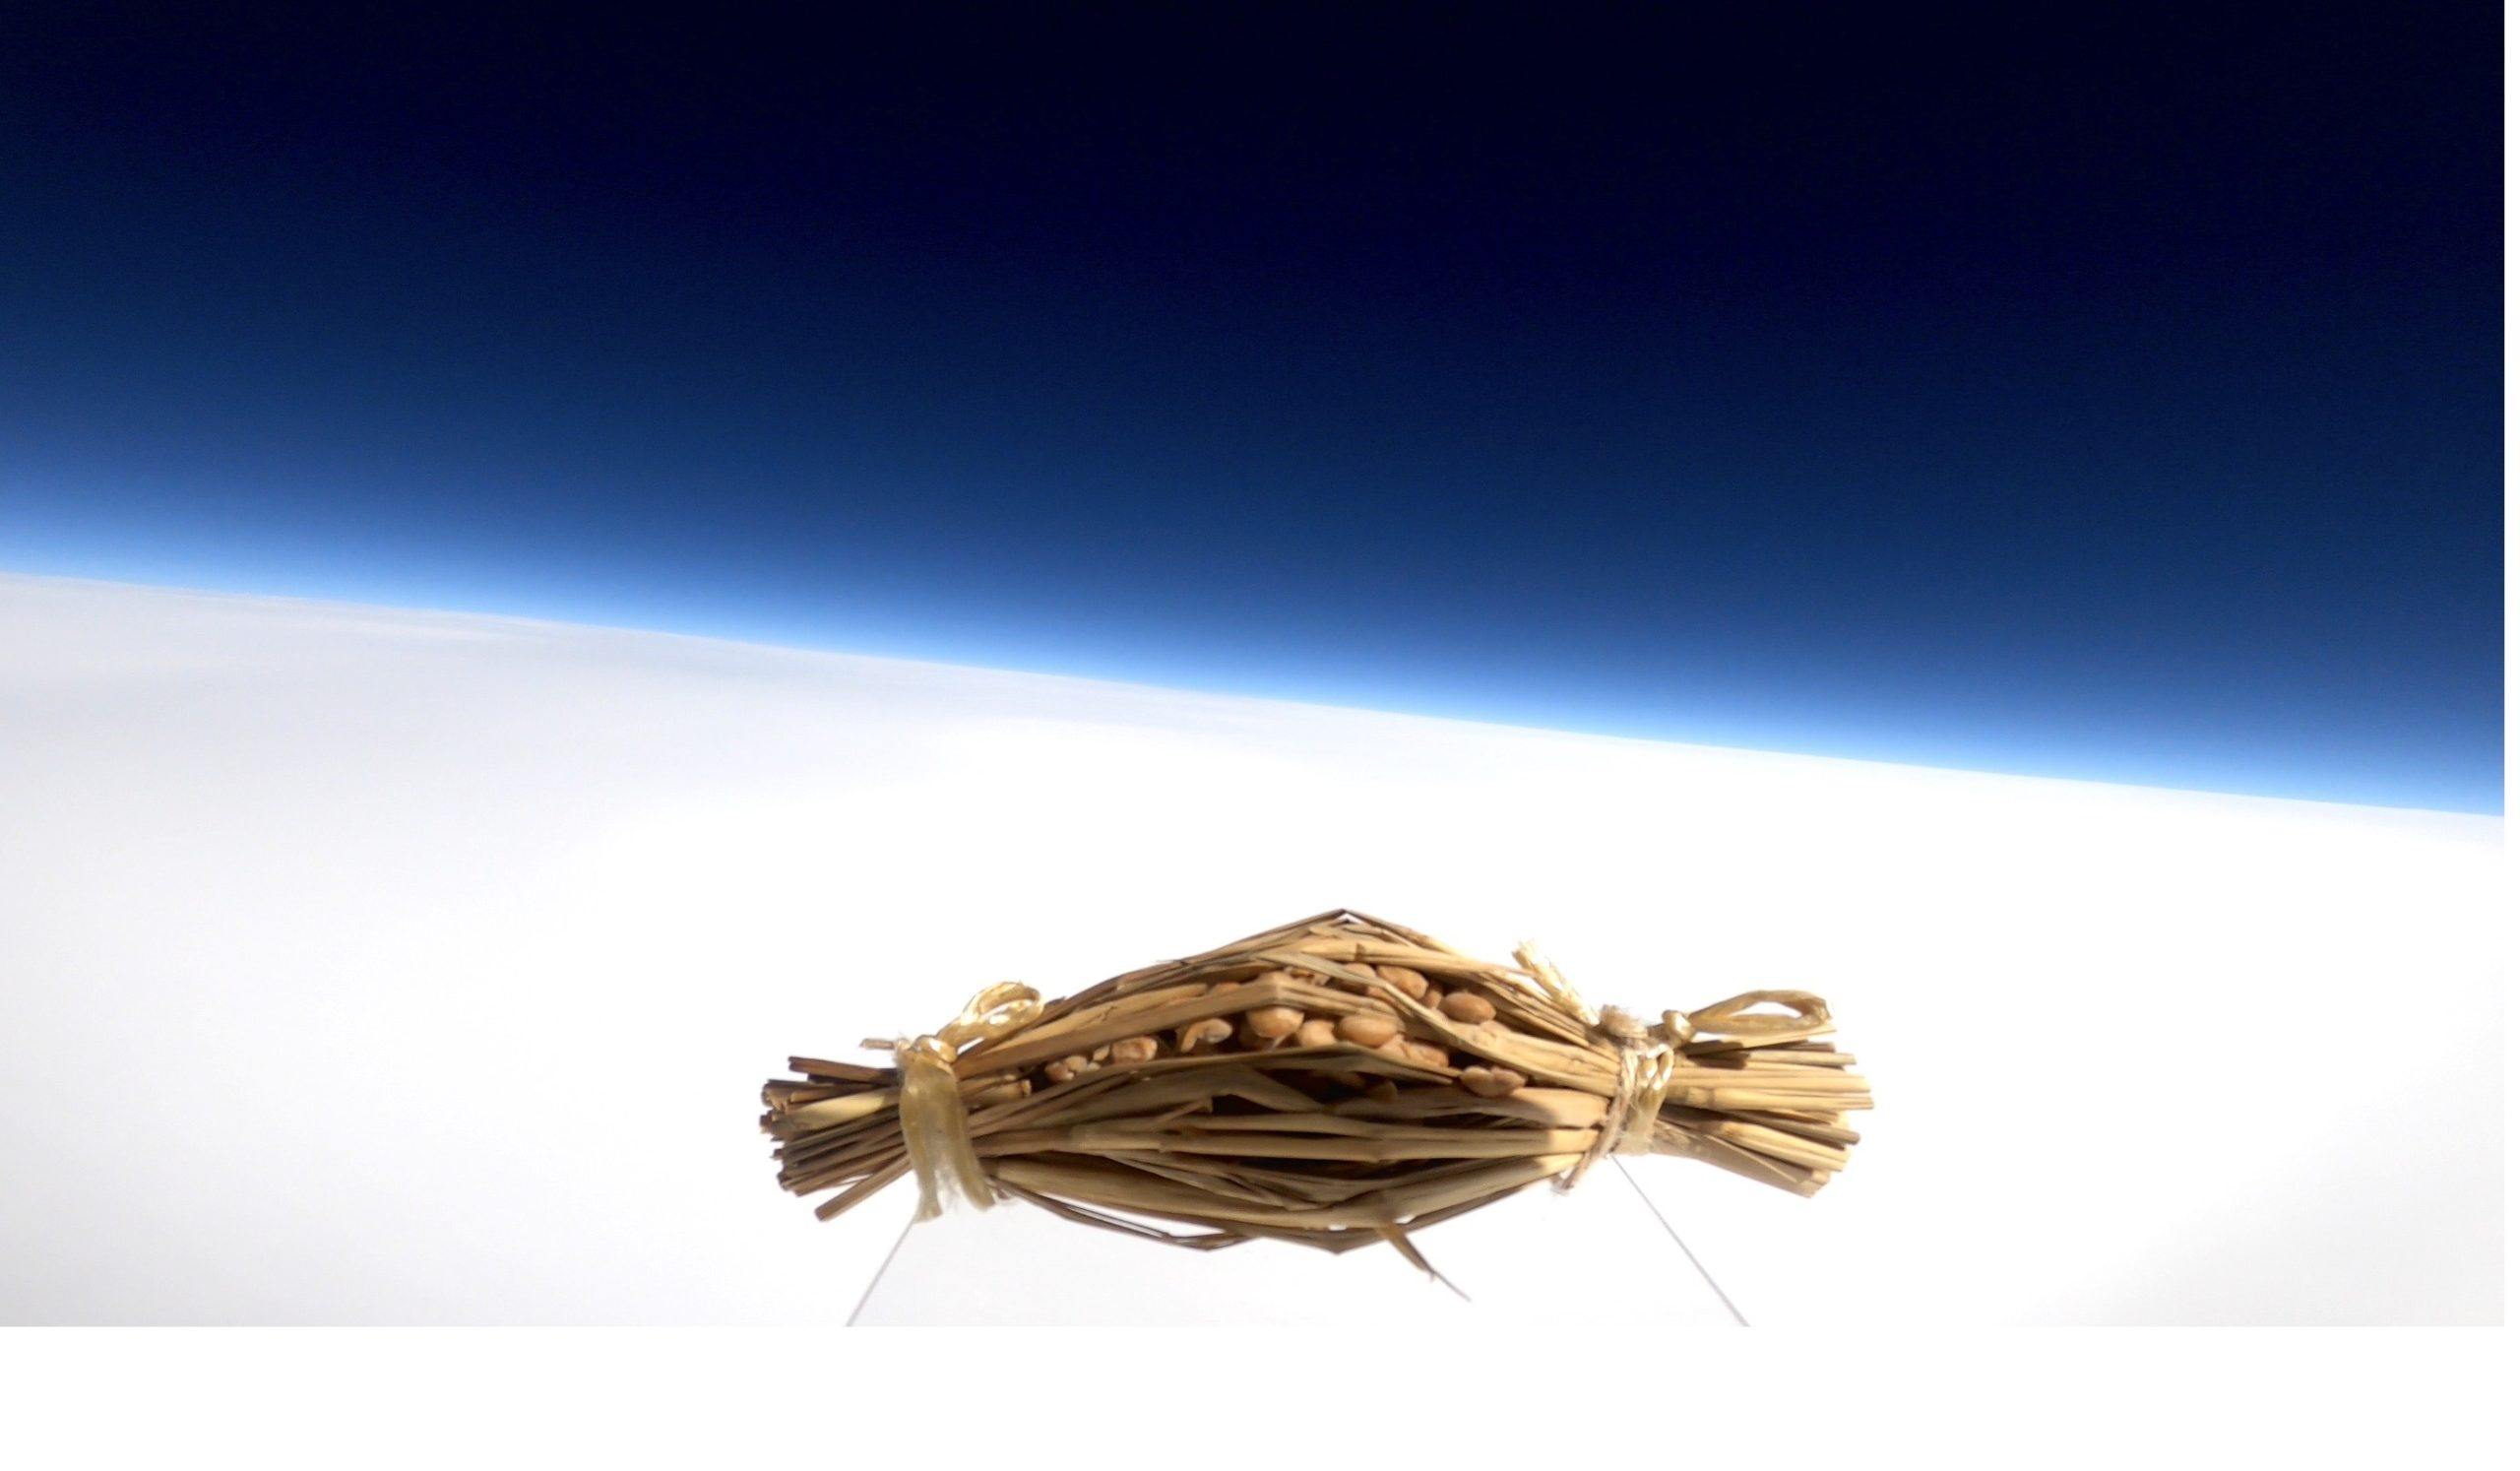 水戸納豆が宇宙に浮いている